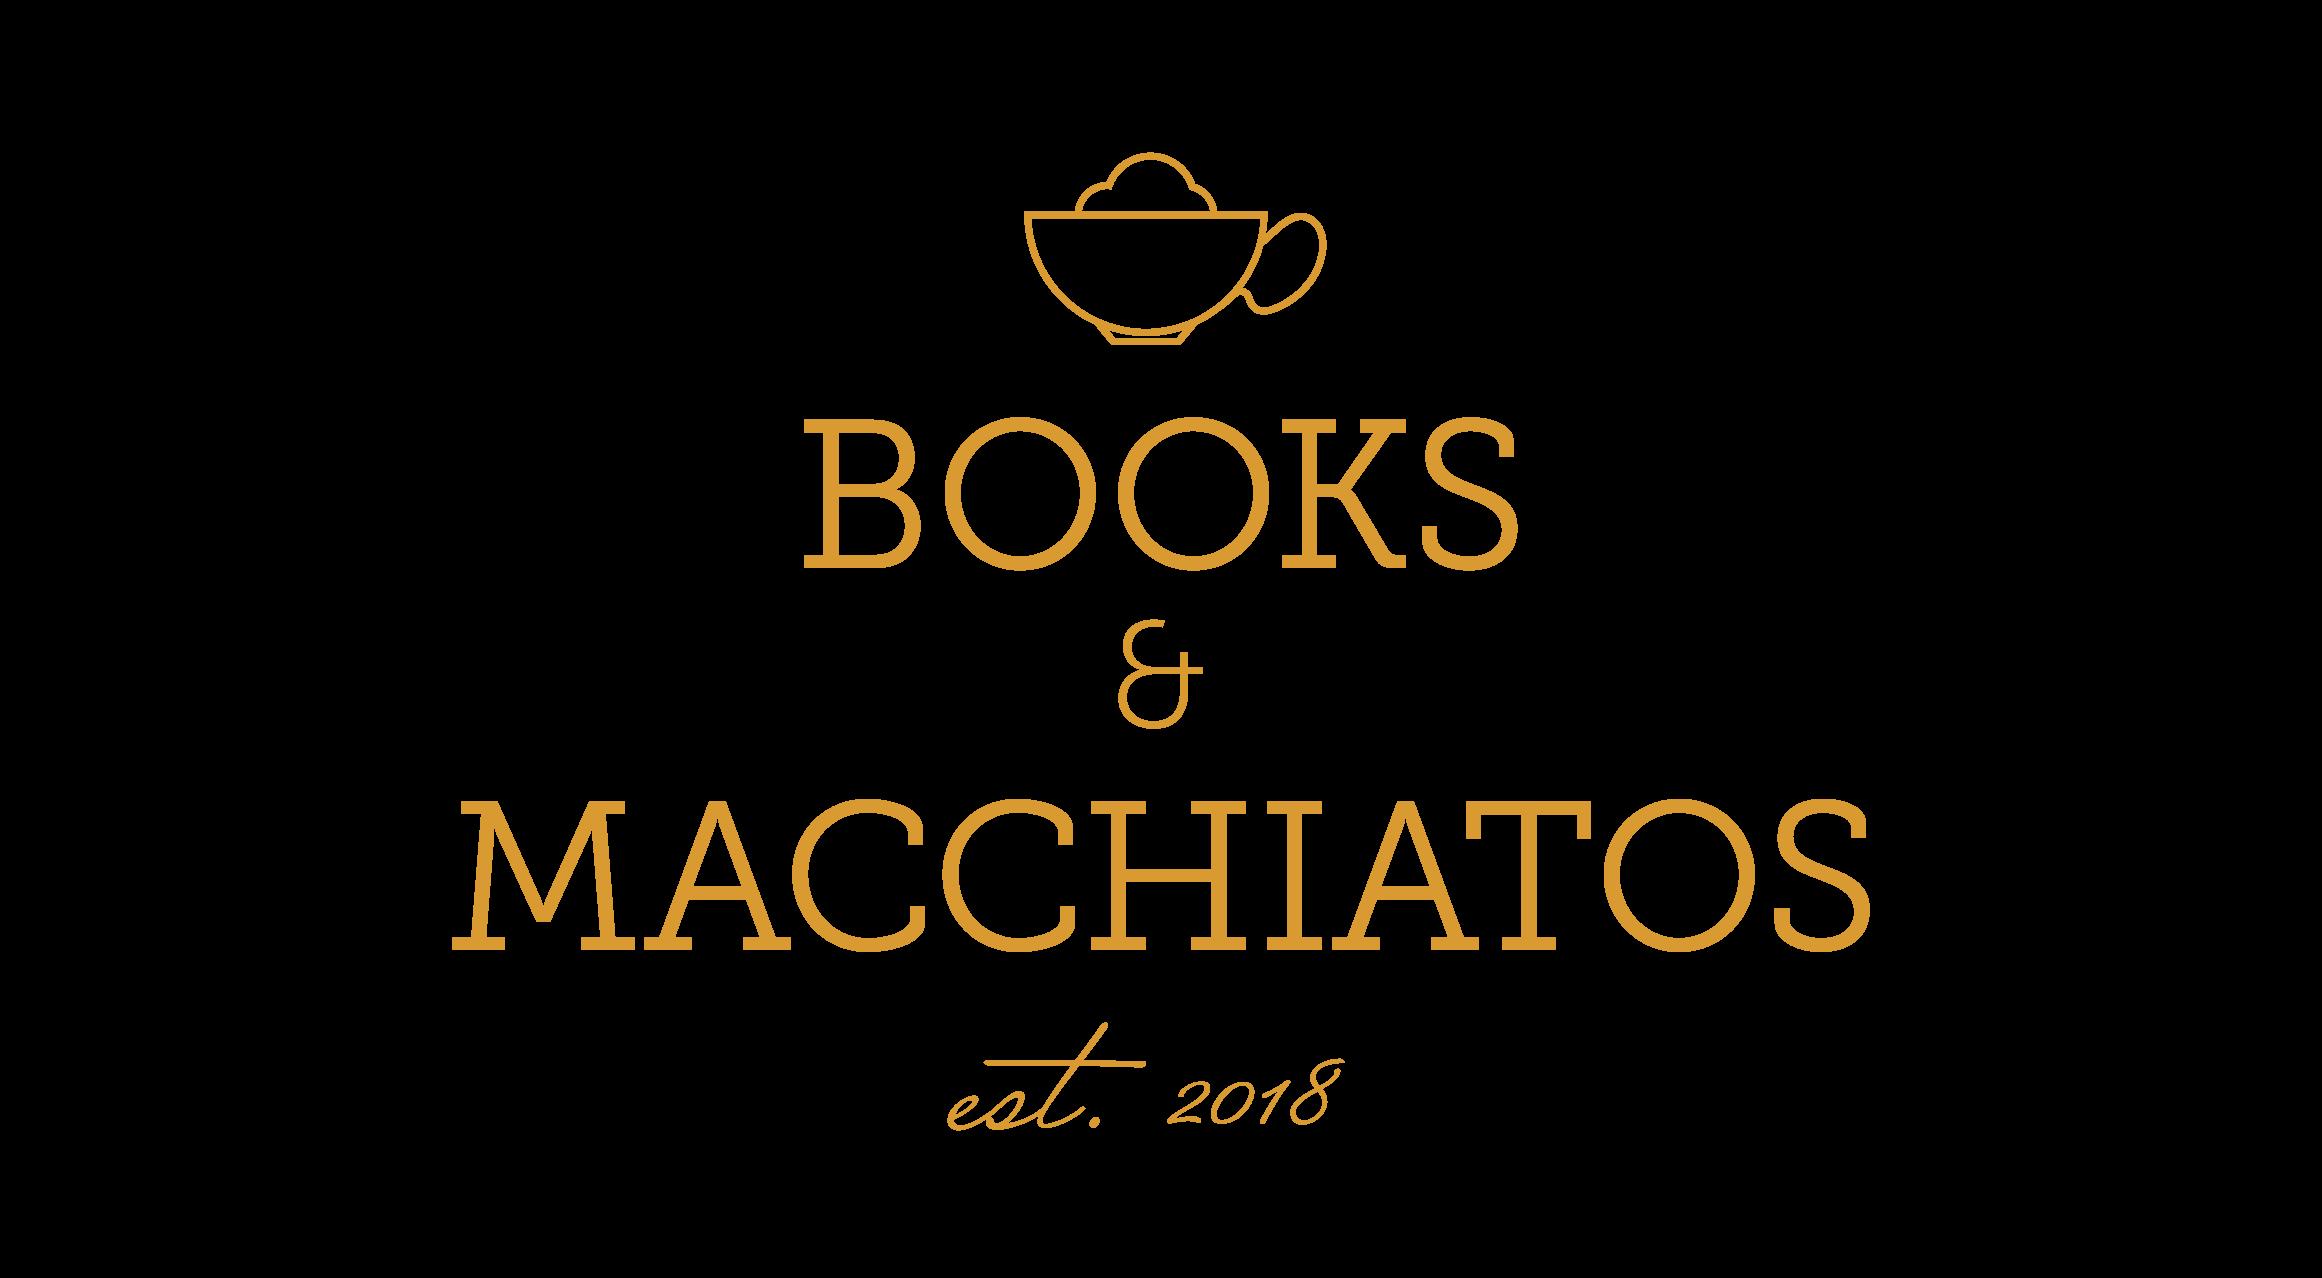 Books & Macchiatos